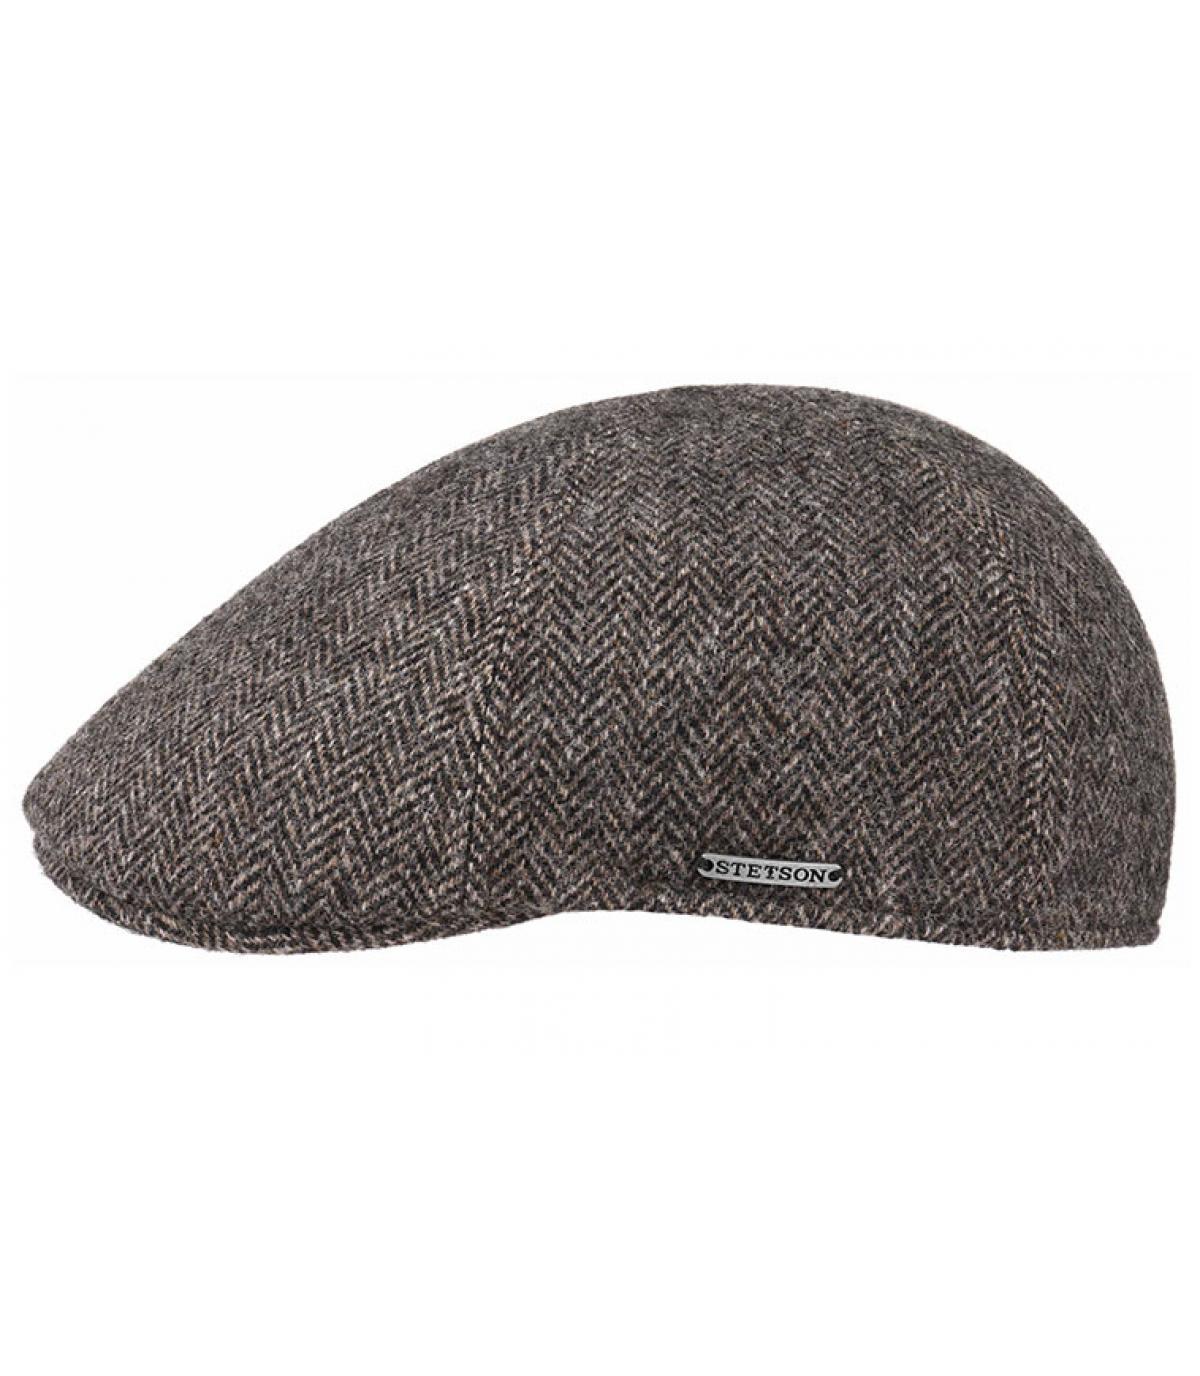 grey Stetson duckbill cap